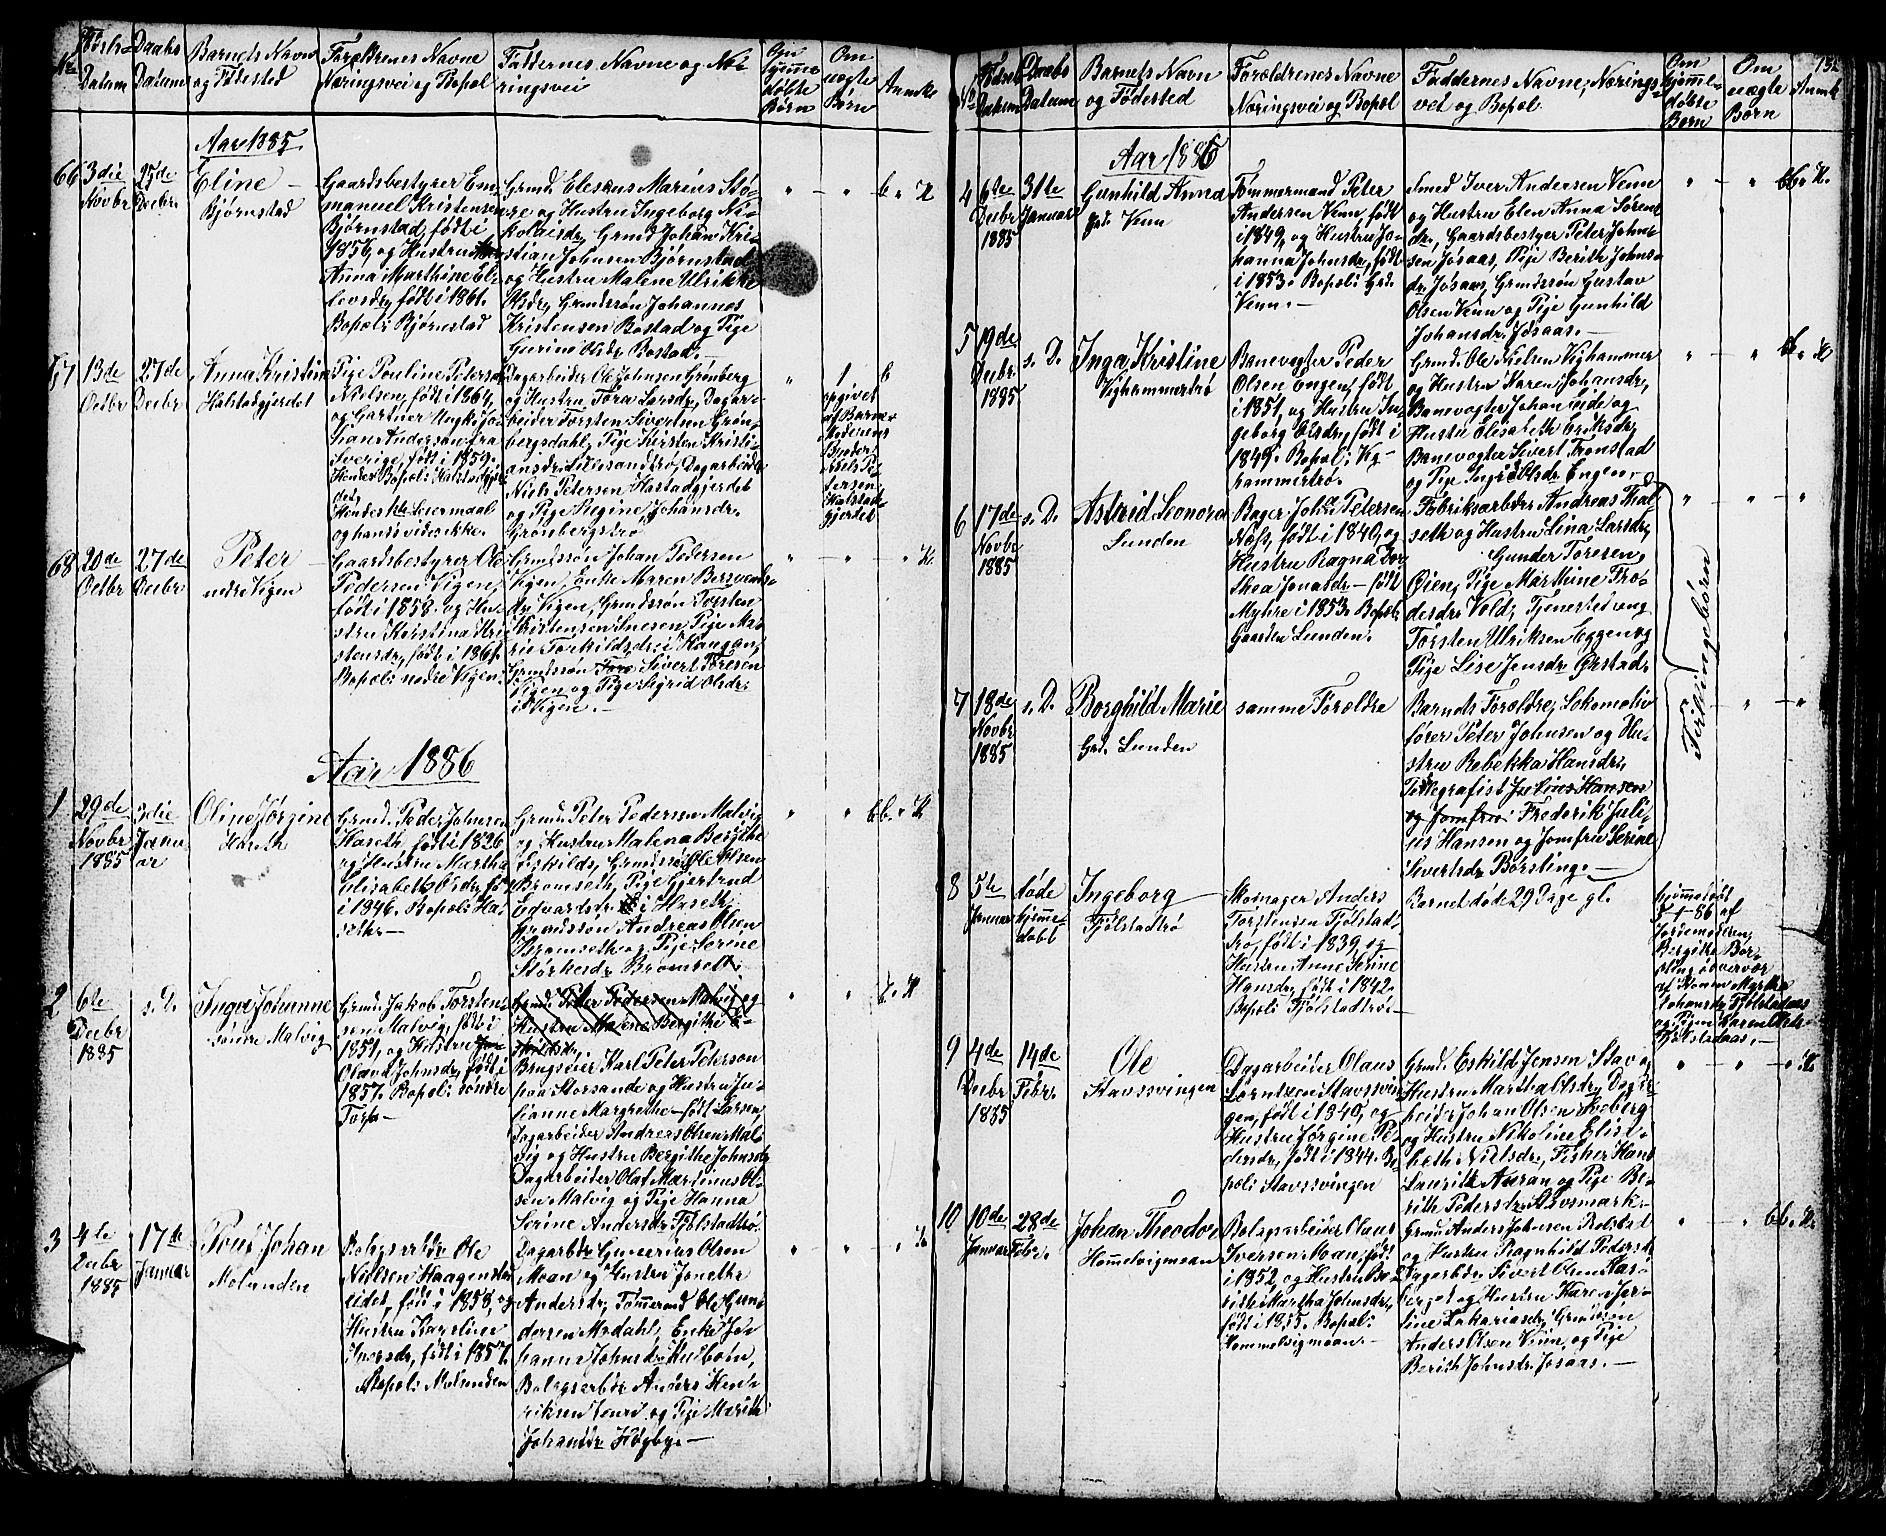 SAT, Ministerialprotokoller, klokkerbøker og fødselsregistre - Sør-Trøndelag, 616/L0422: Klokkerbok nr. 616C05, 1850-1888, s. 132